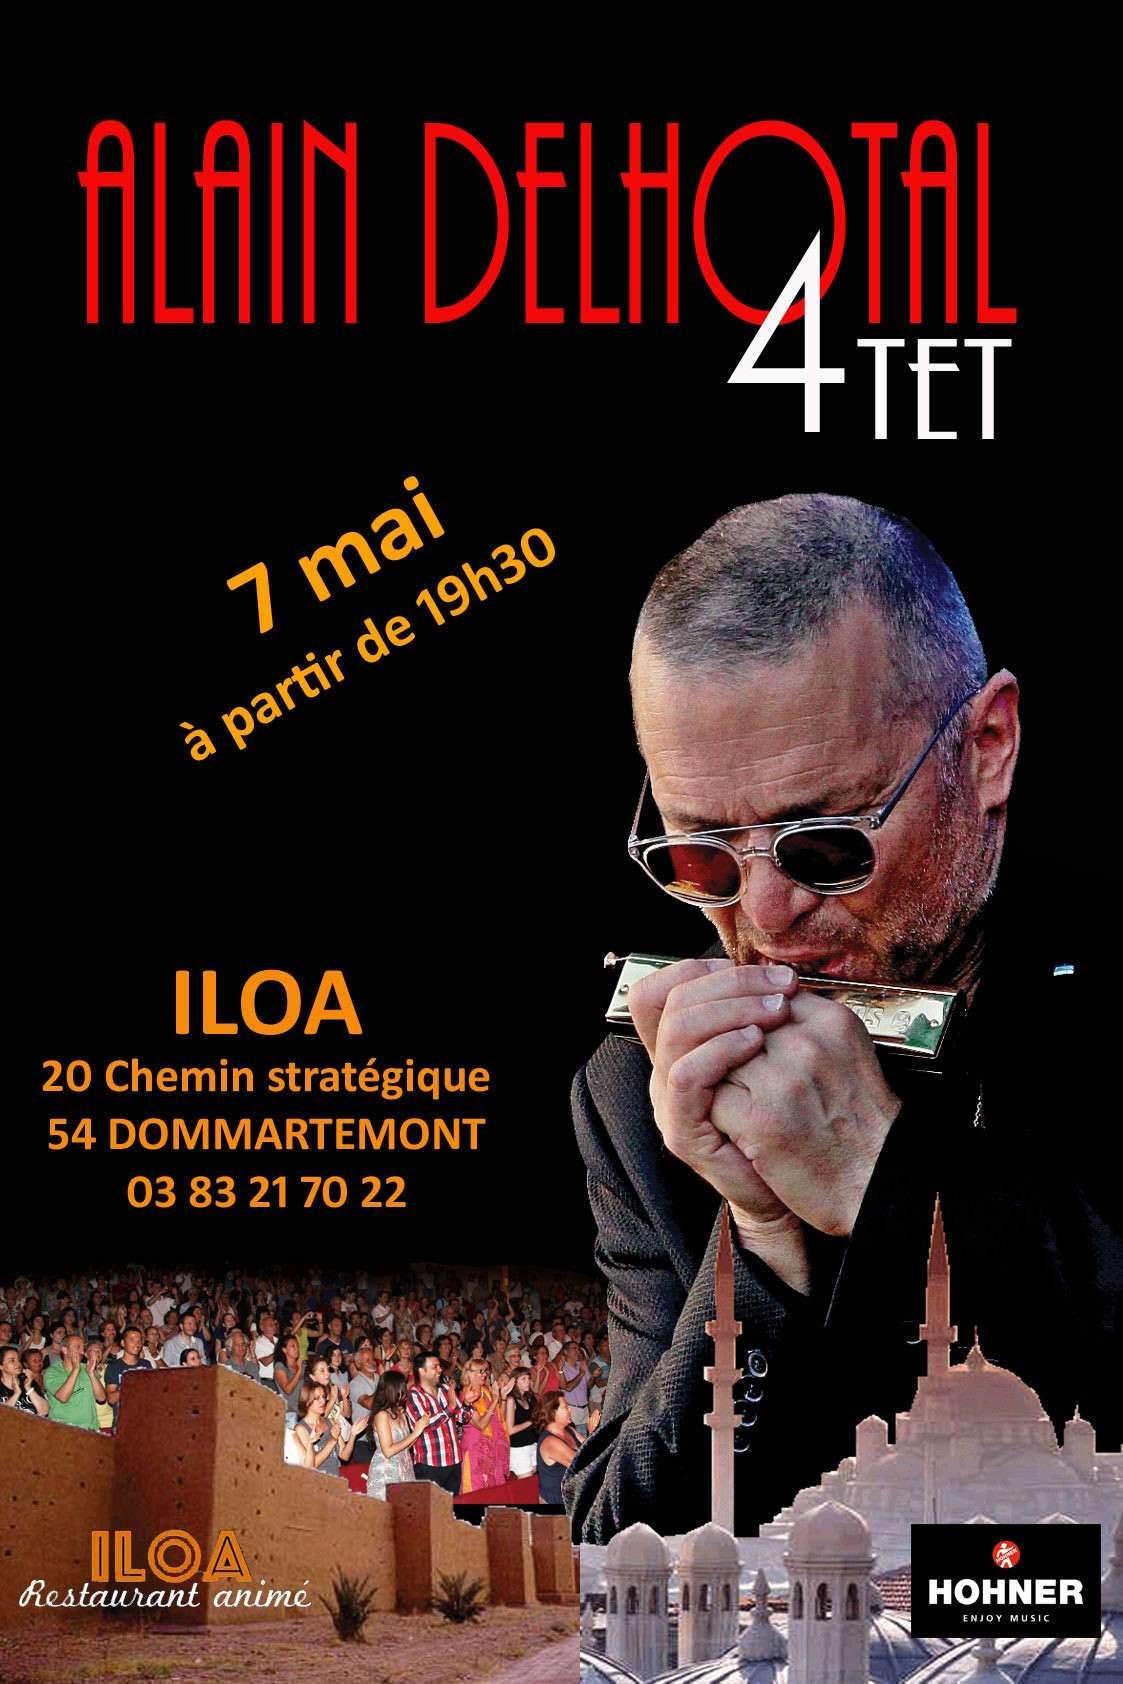 Alain Delhotal se produira à Dommartemont le 7 mai (affiche)